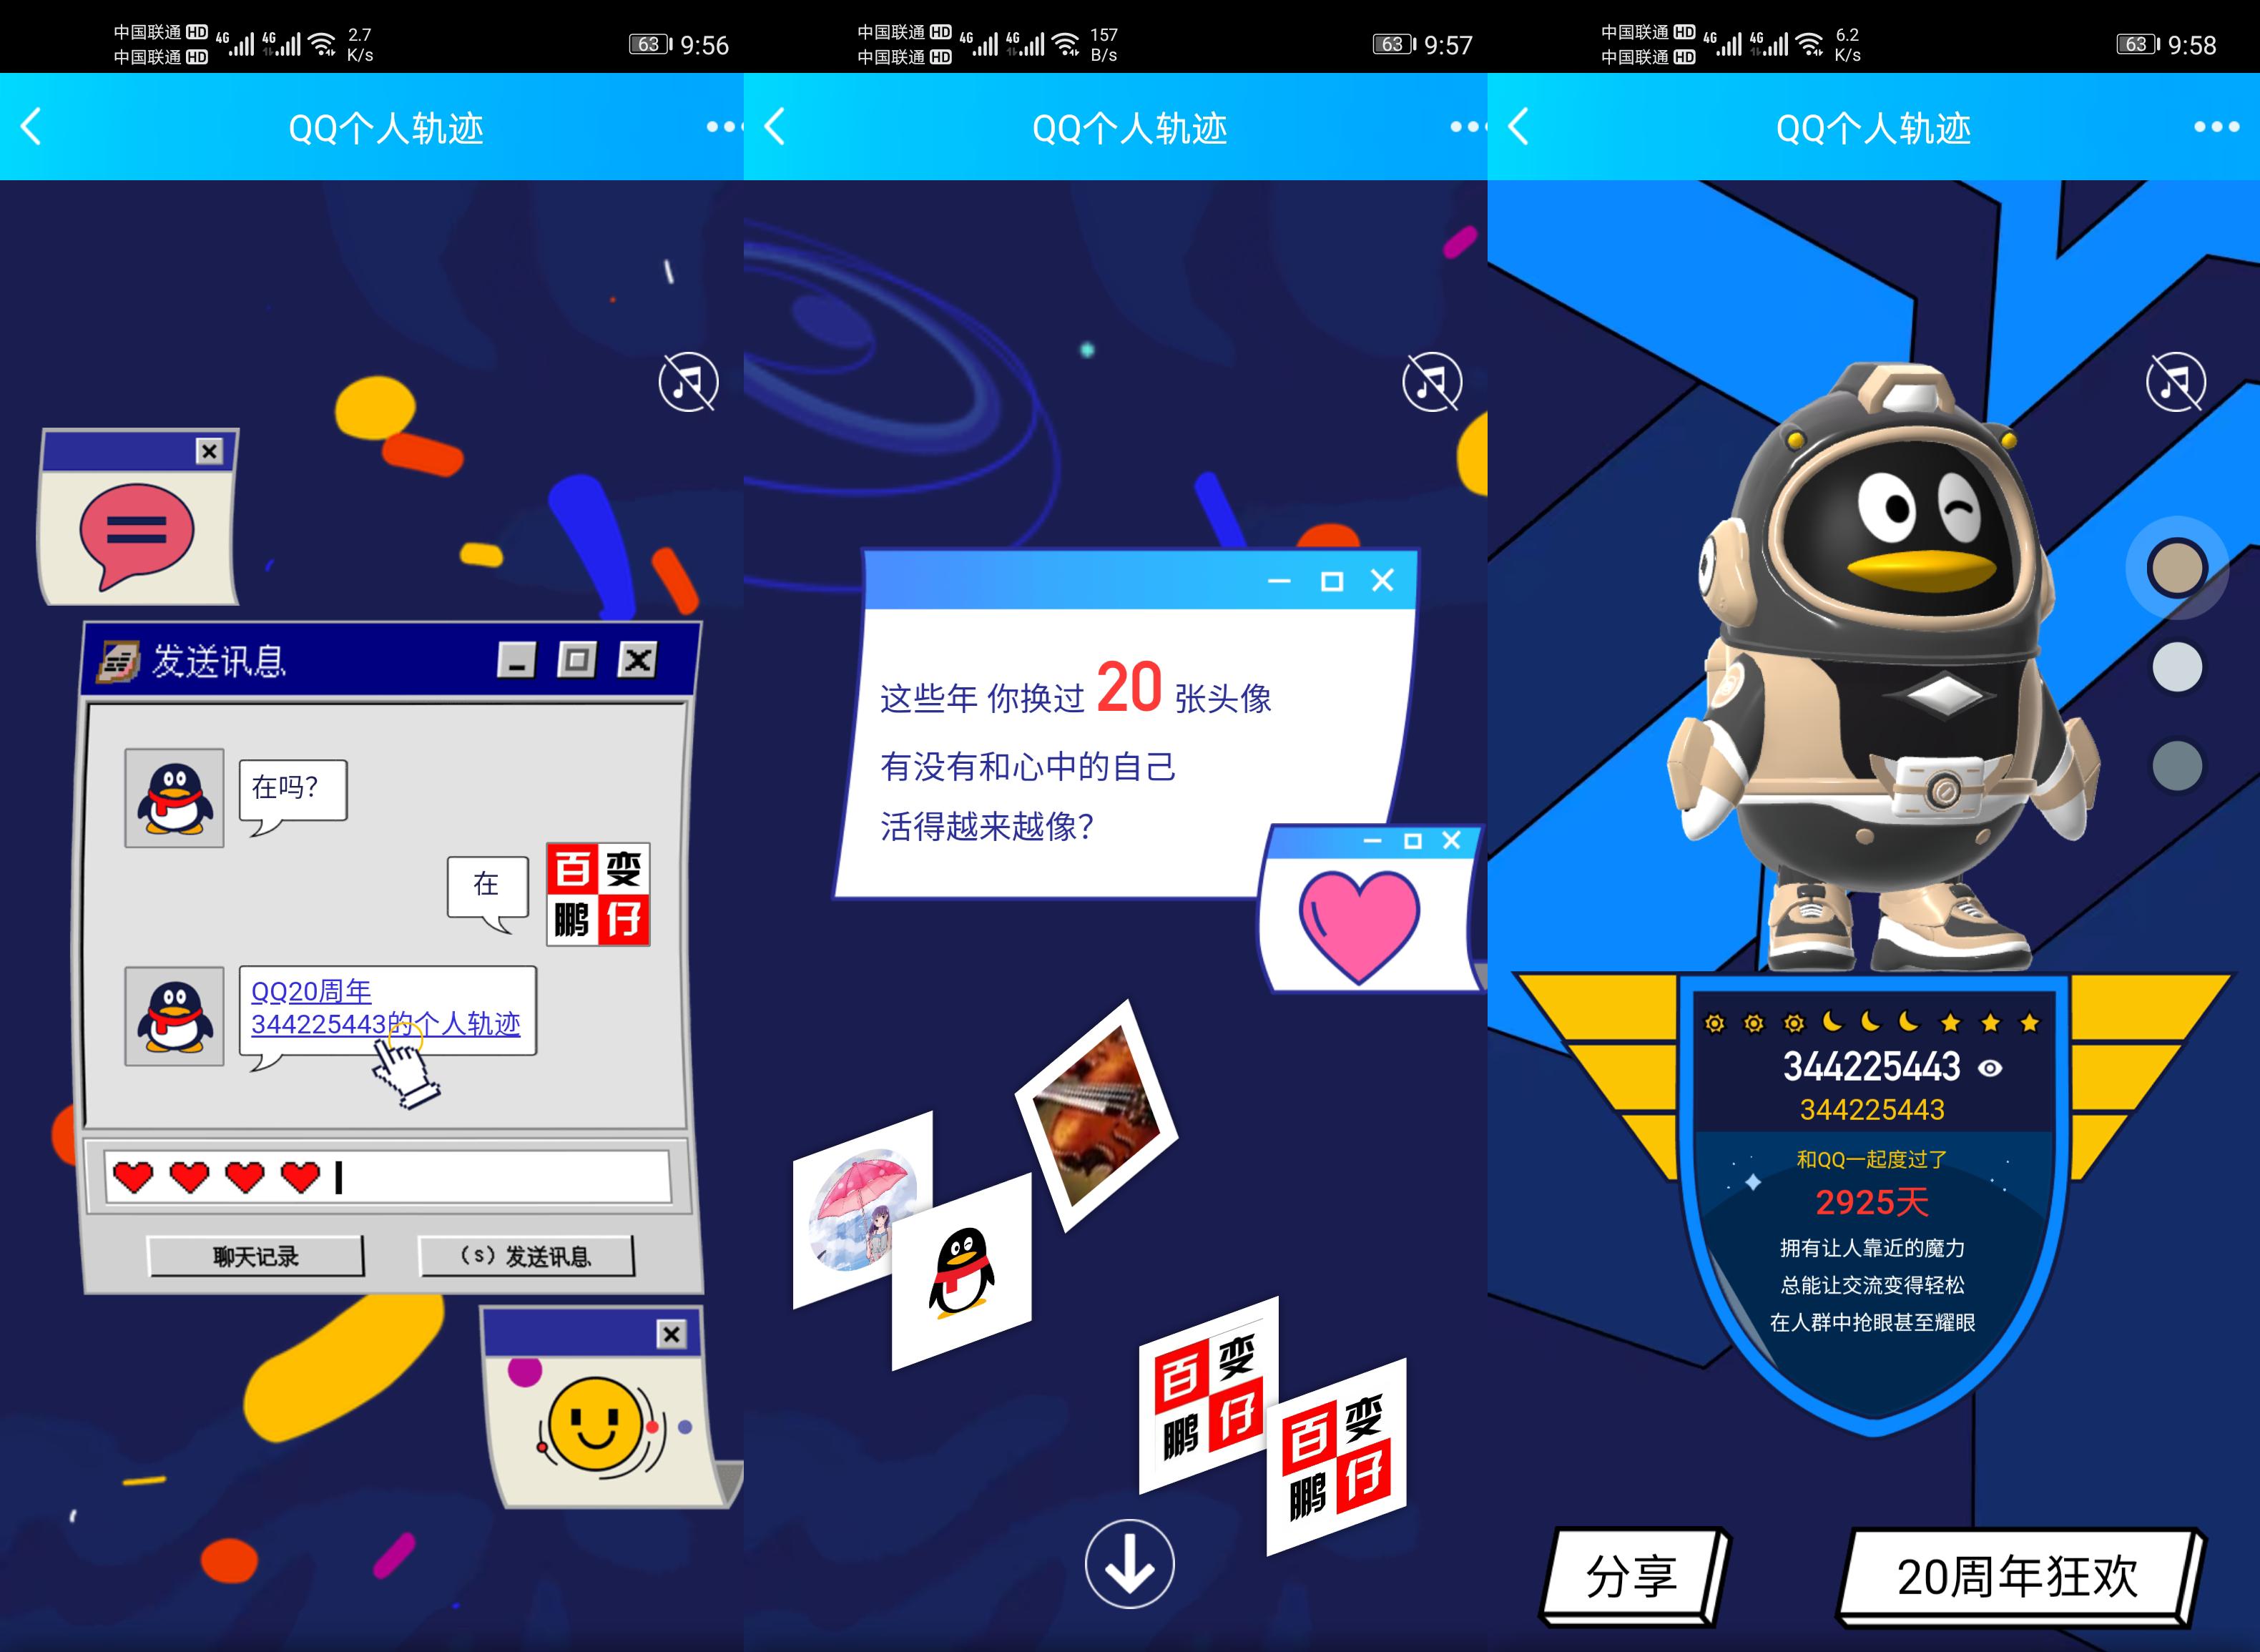 20周年QQ个人足迹 查看QQ注册天数 QQ头像历史等